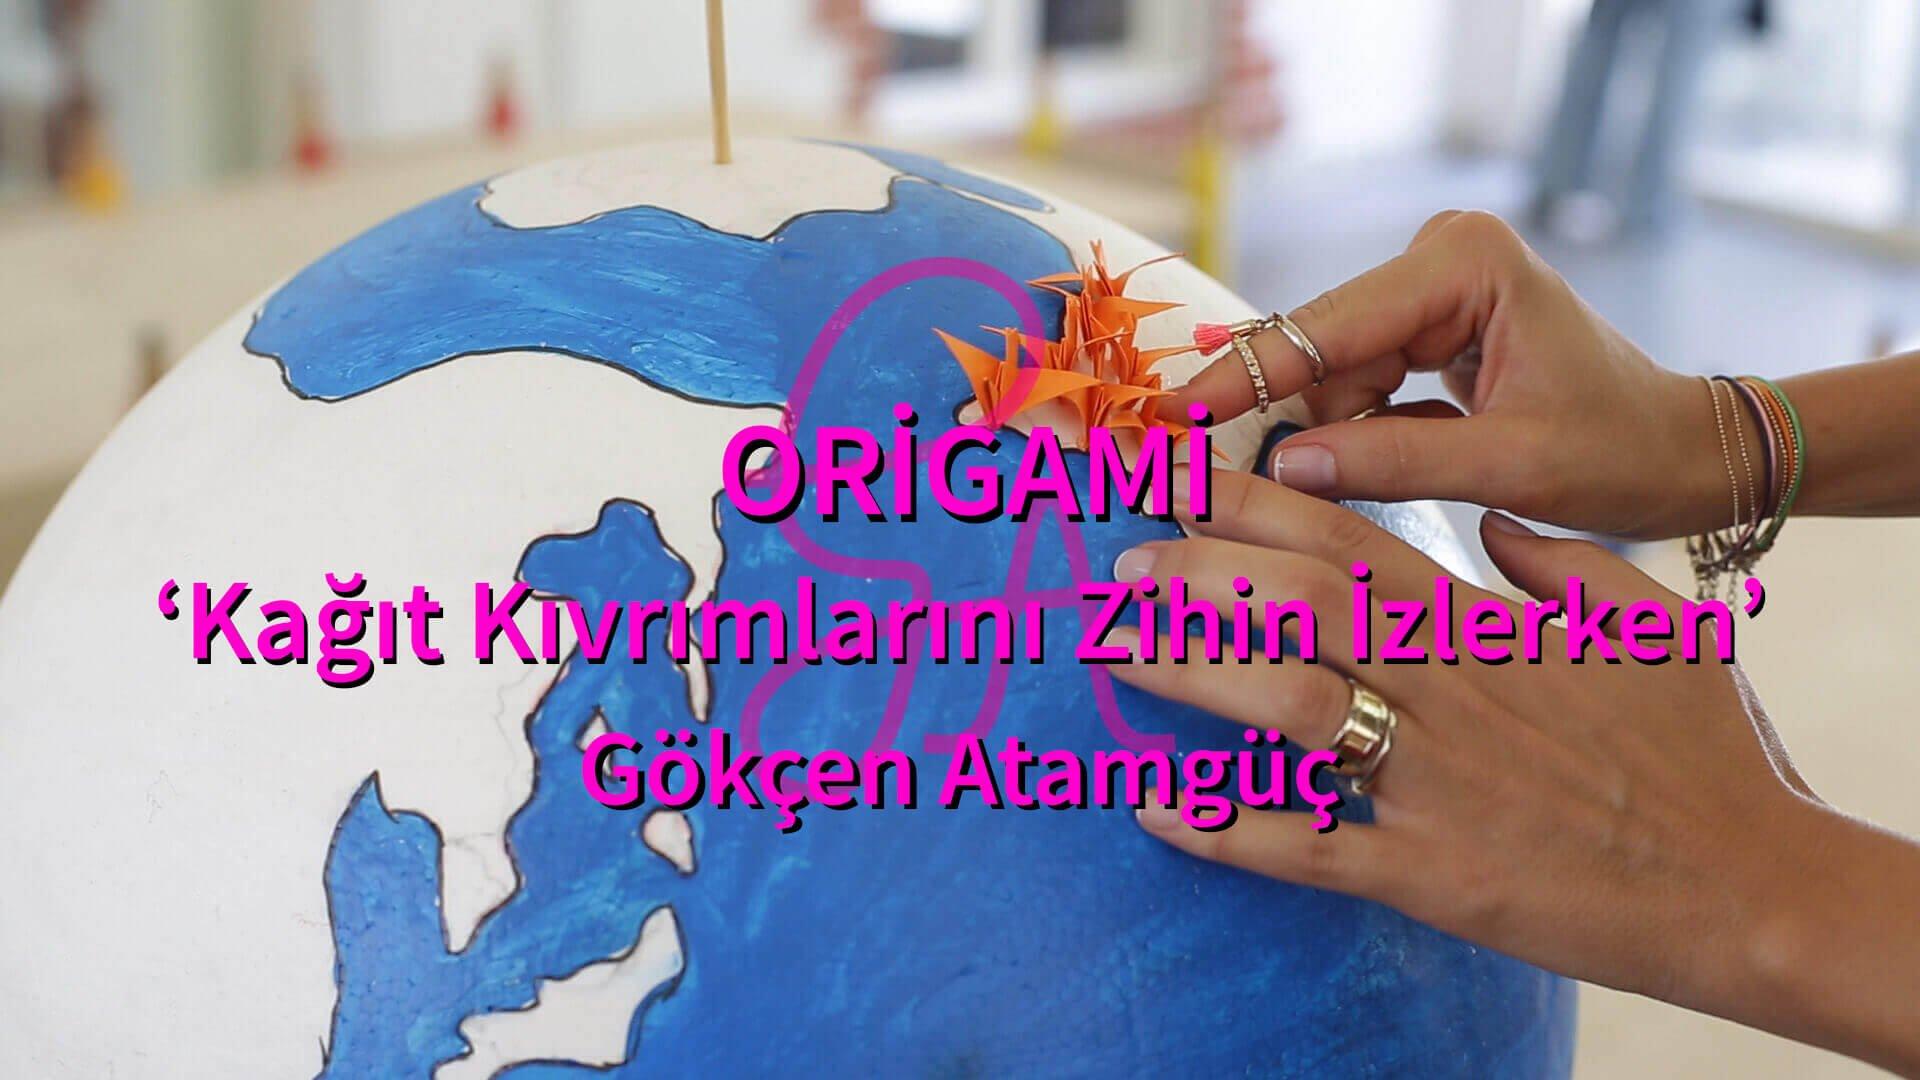 GA by GA Gökçen Atamgüç Origami